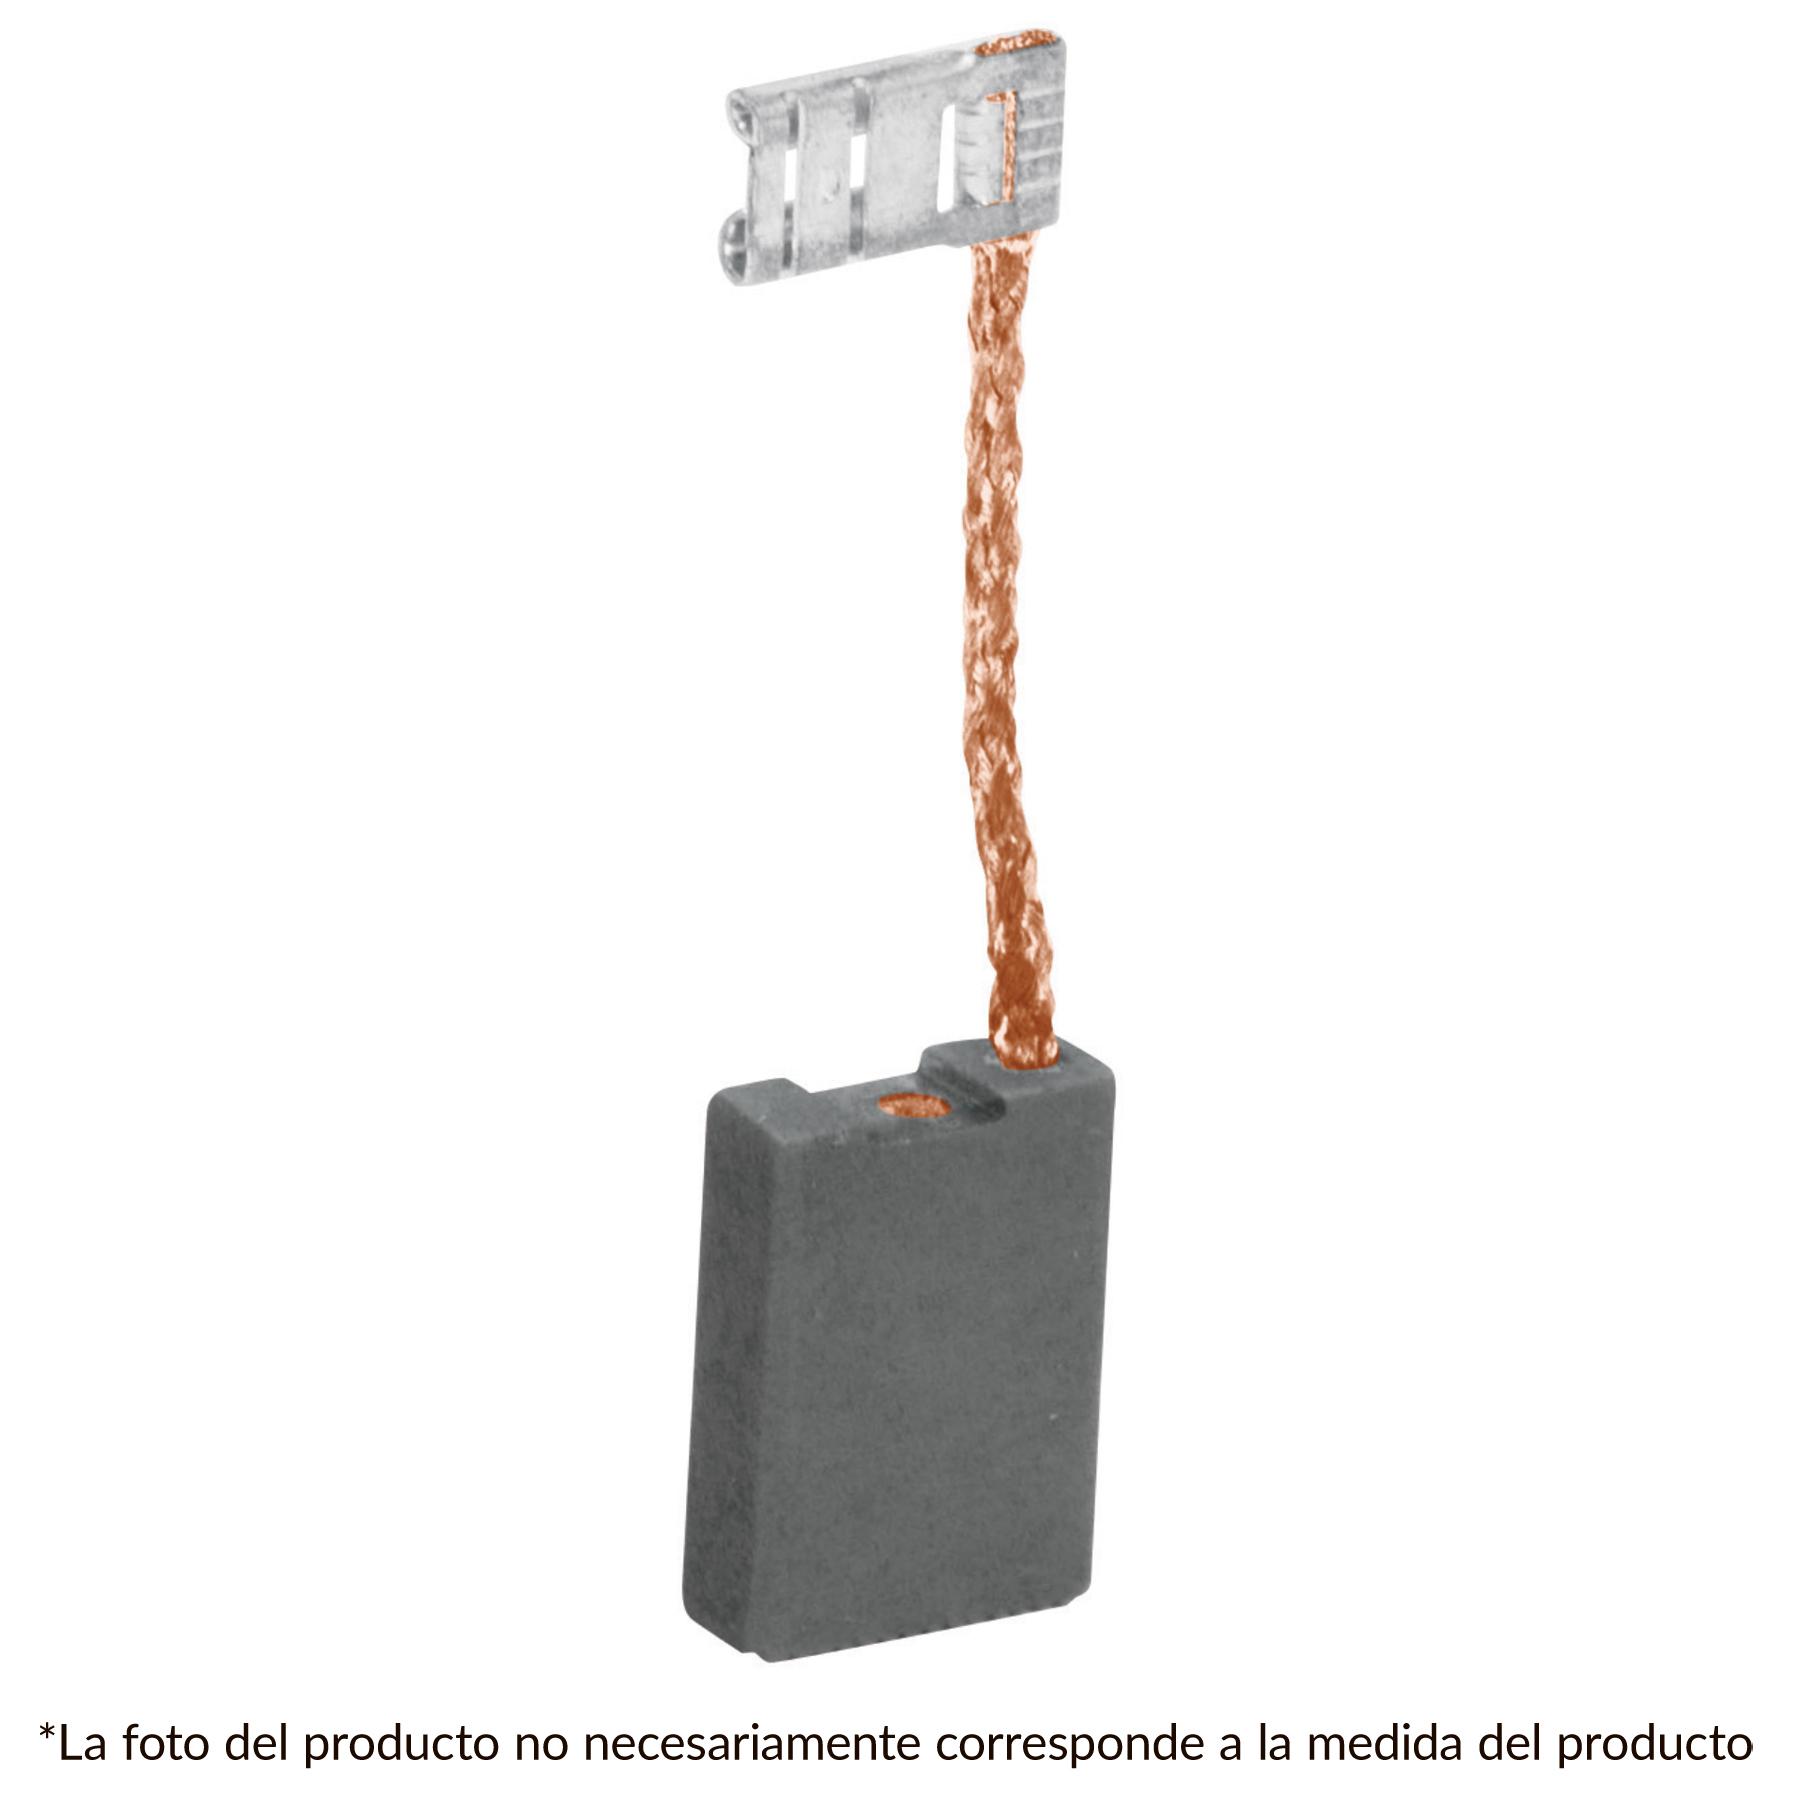 Carbones de repuesto para esmeriladora ESMA-4-1/2A12